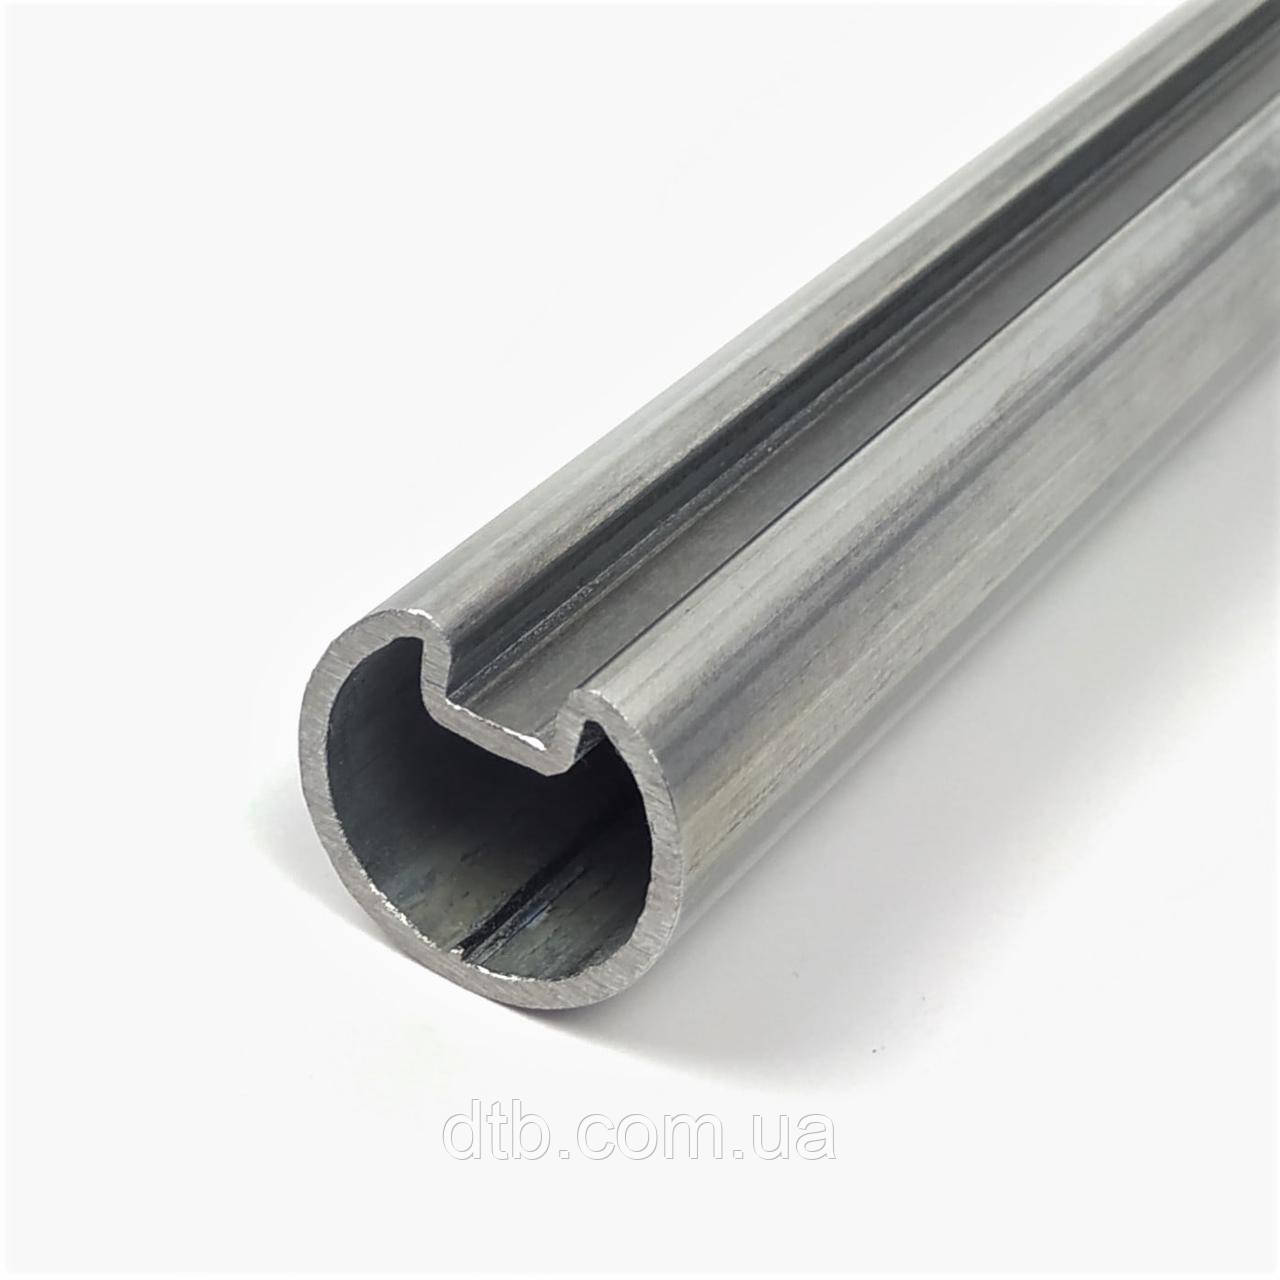 Порожнистий Вал (D=25,4 мм) для воріт, ролет гаражних і промислових Alutech TSH-3000-2